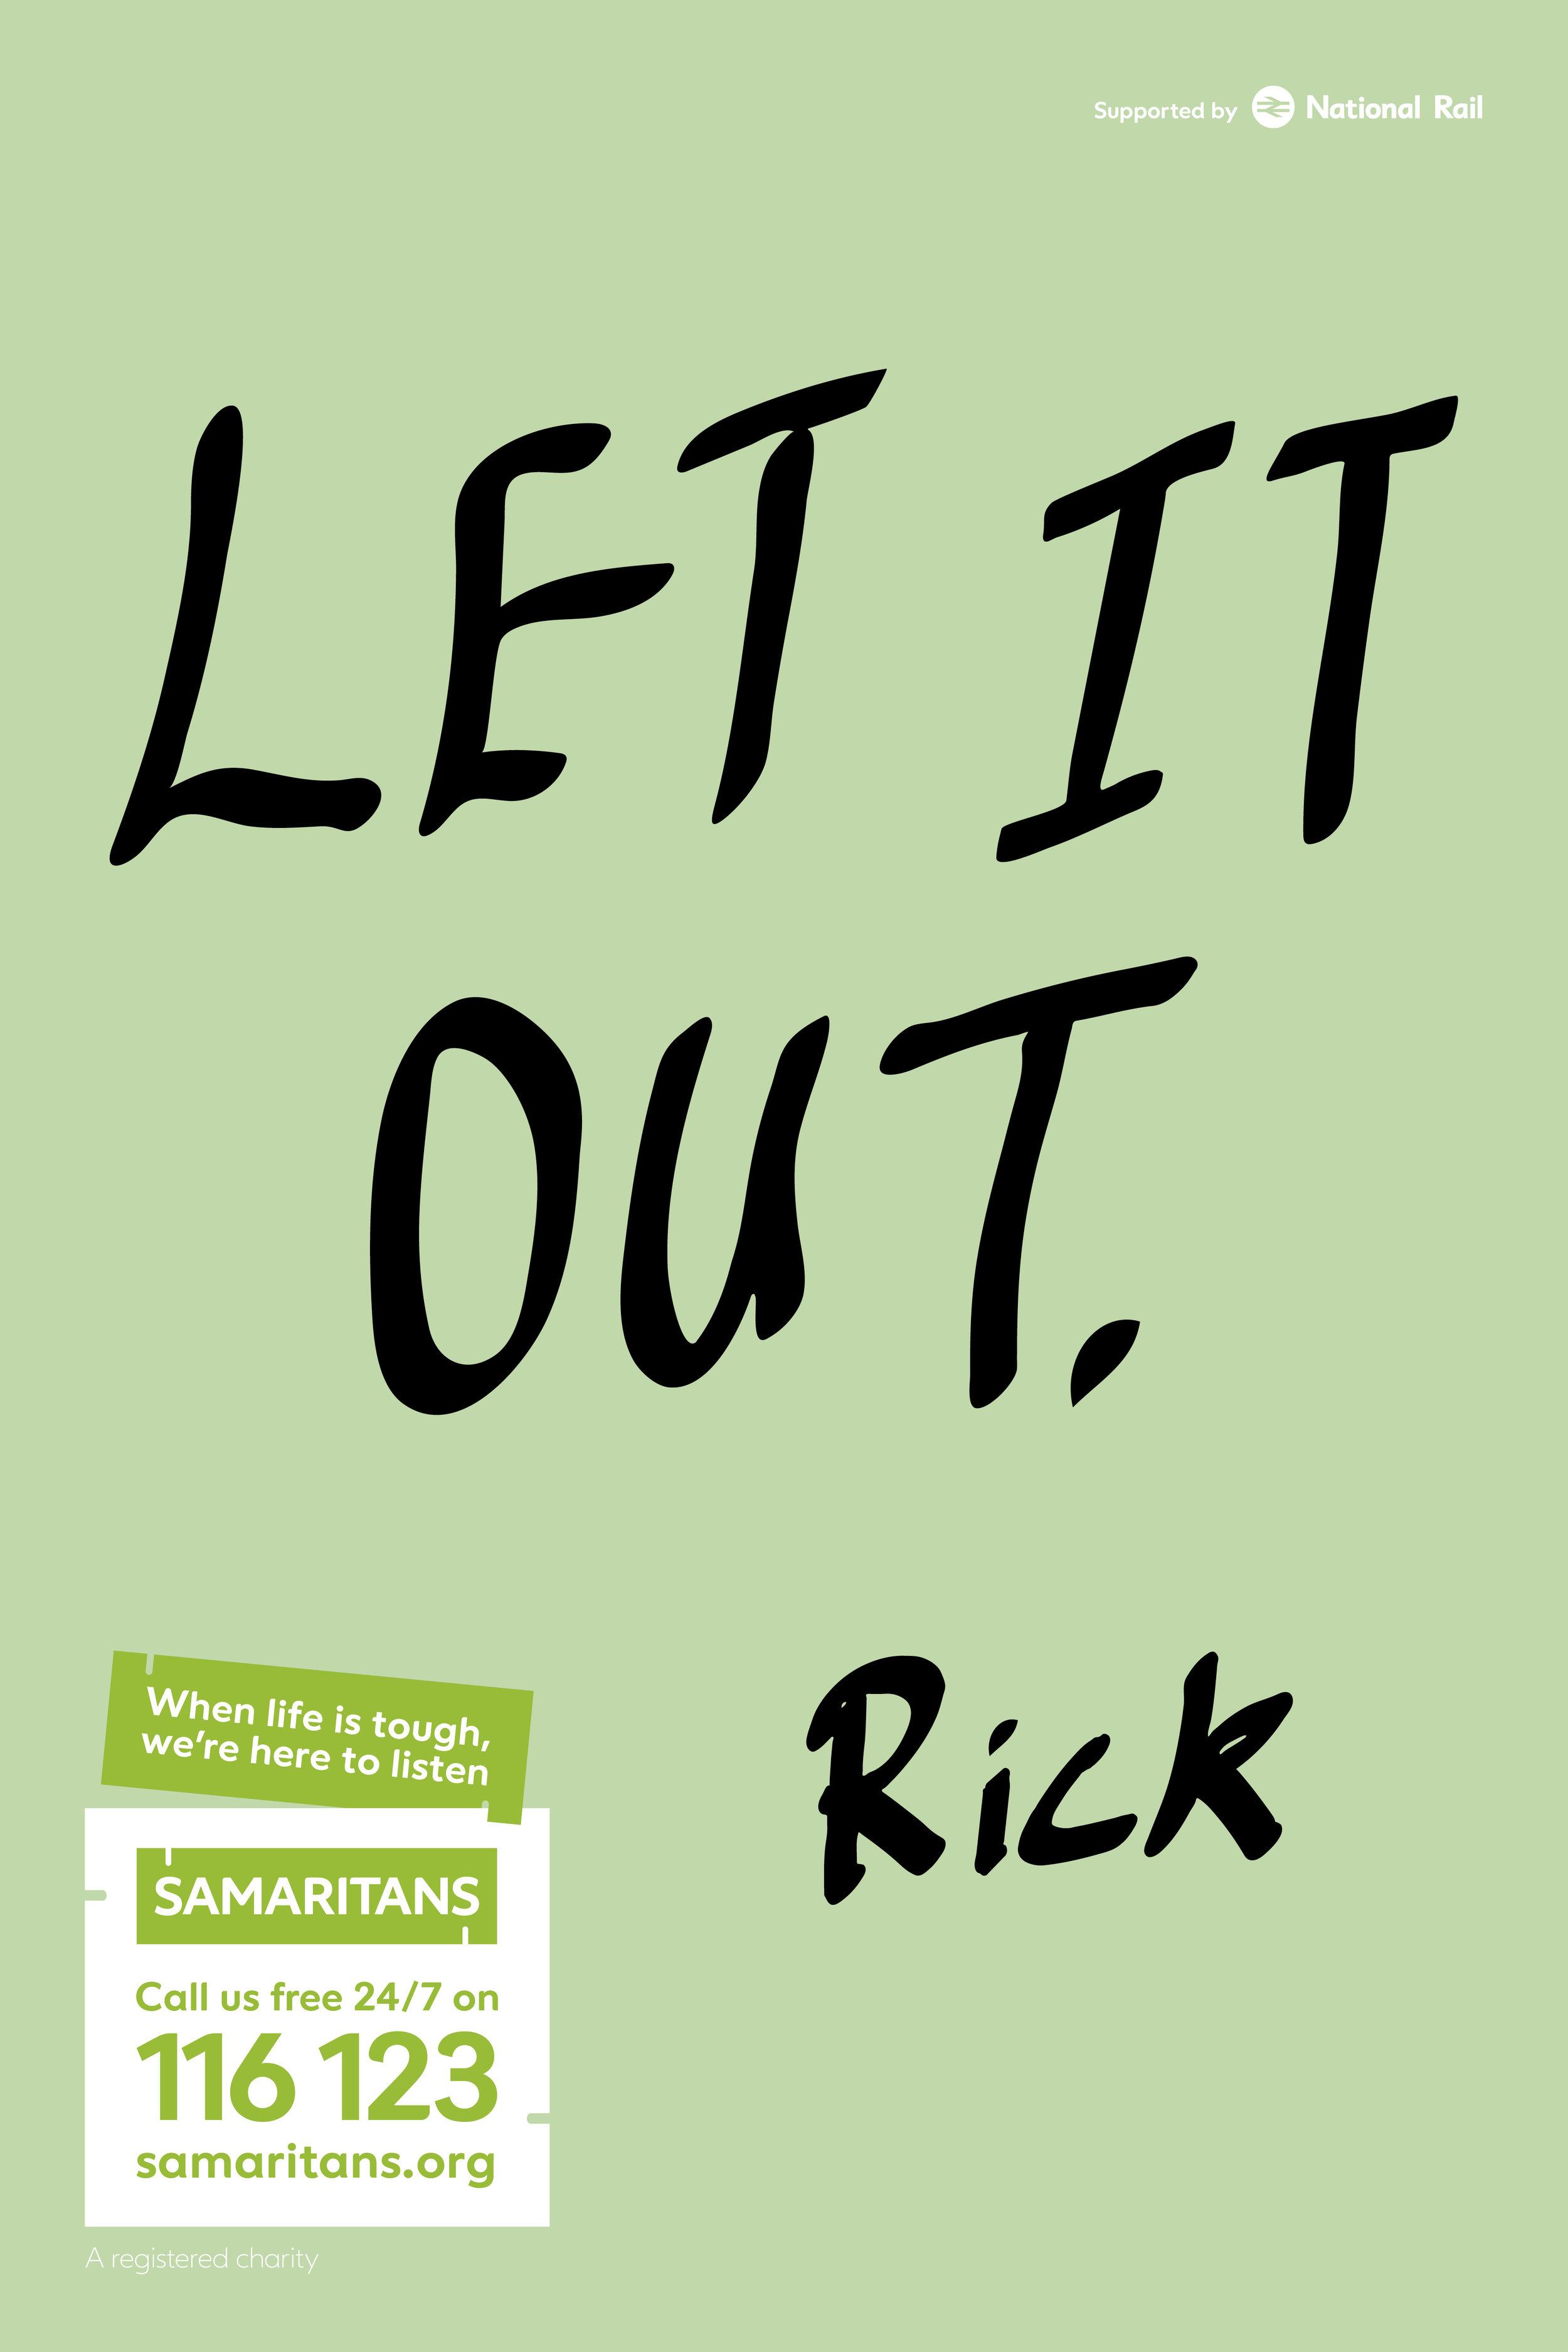 5. SAMARITANS Rick.jpg